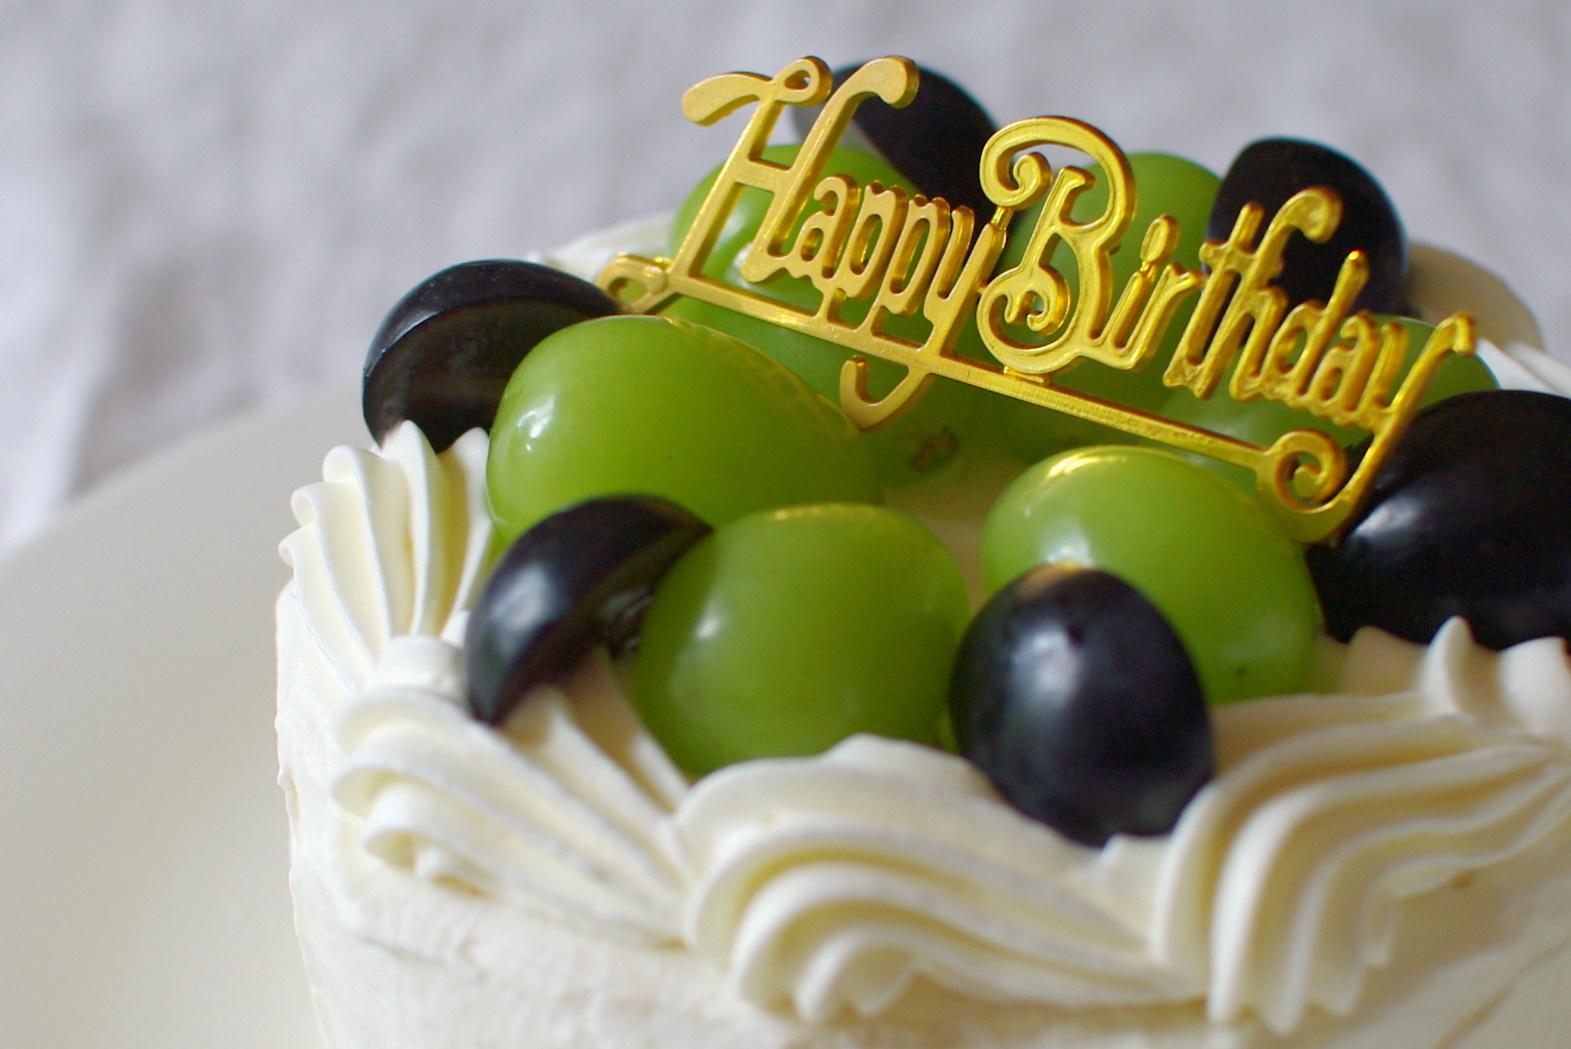 バースデーケーキ(ぶどうショートケーキ)_c0110869_04404823.jpg